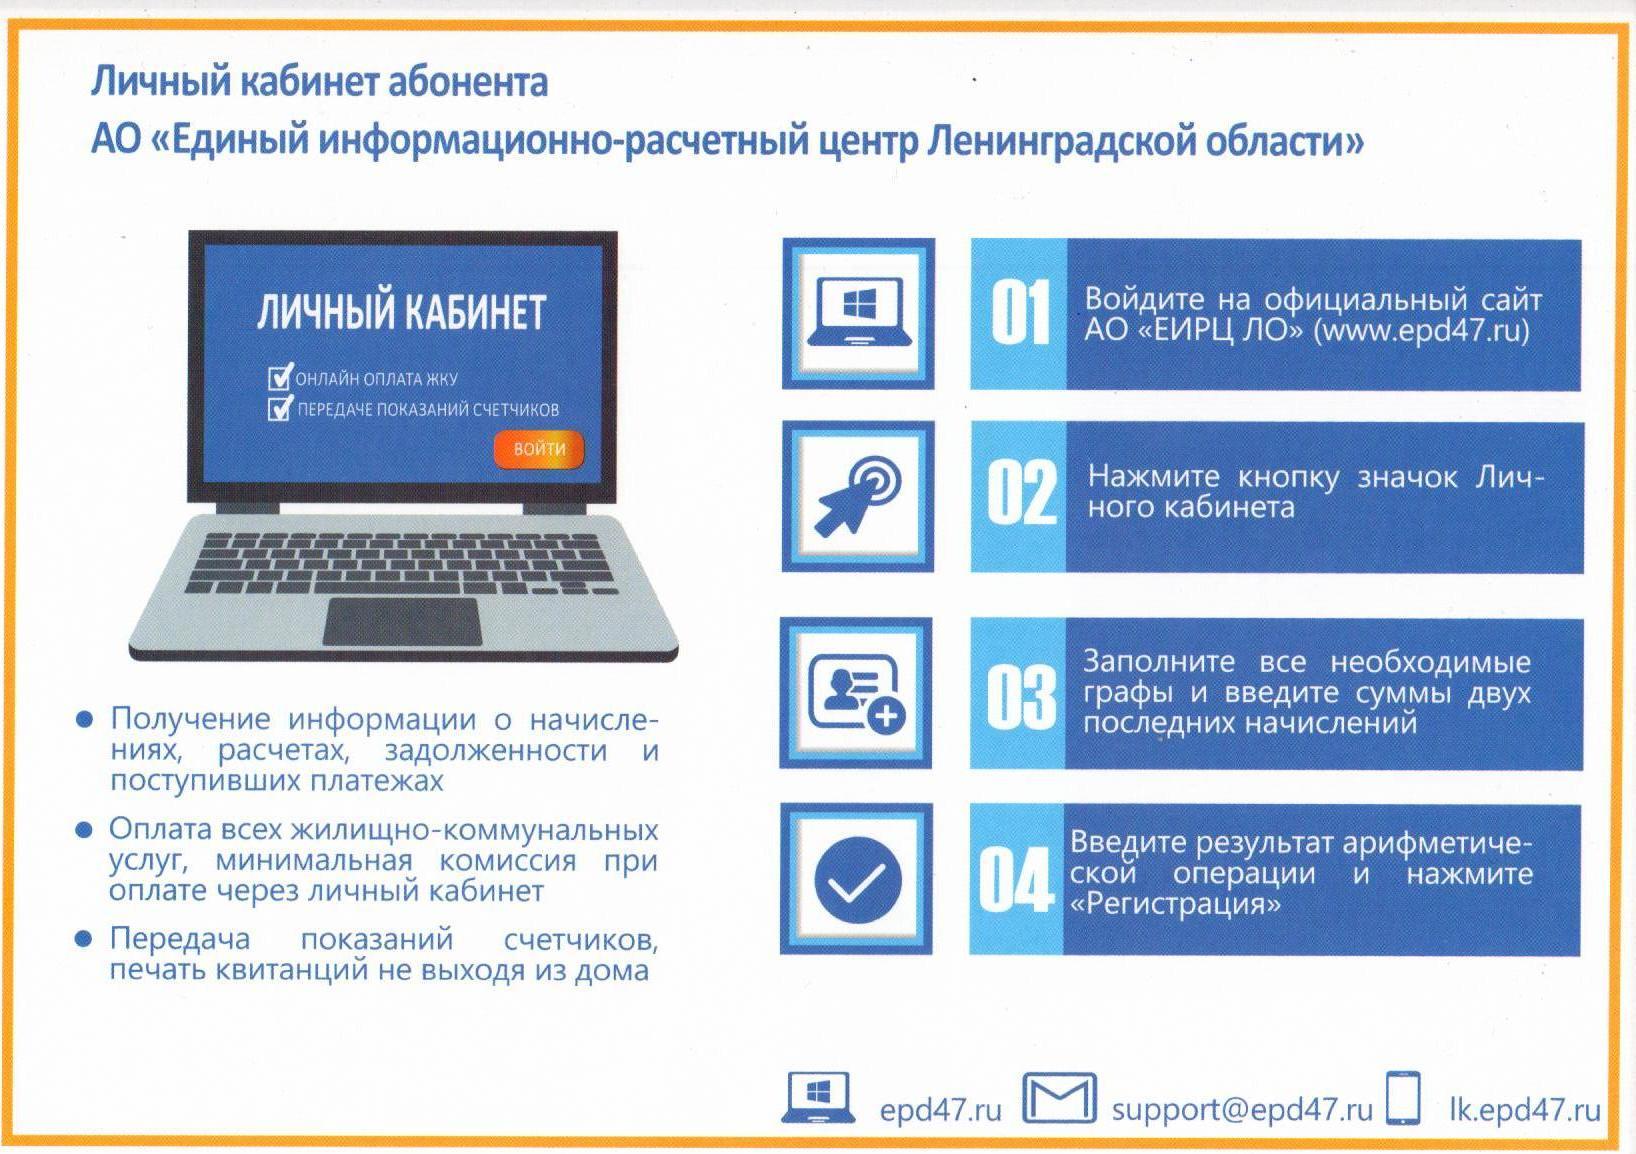 Еирц московской области официальный сайт личный кабинет